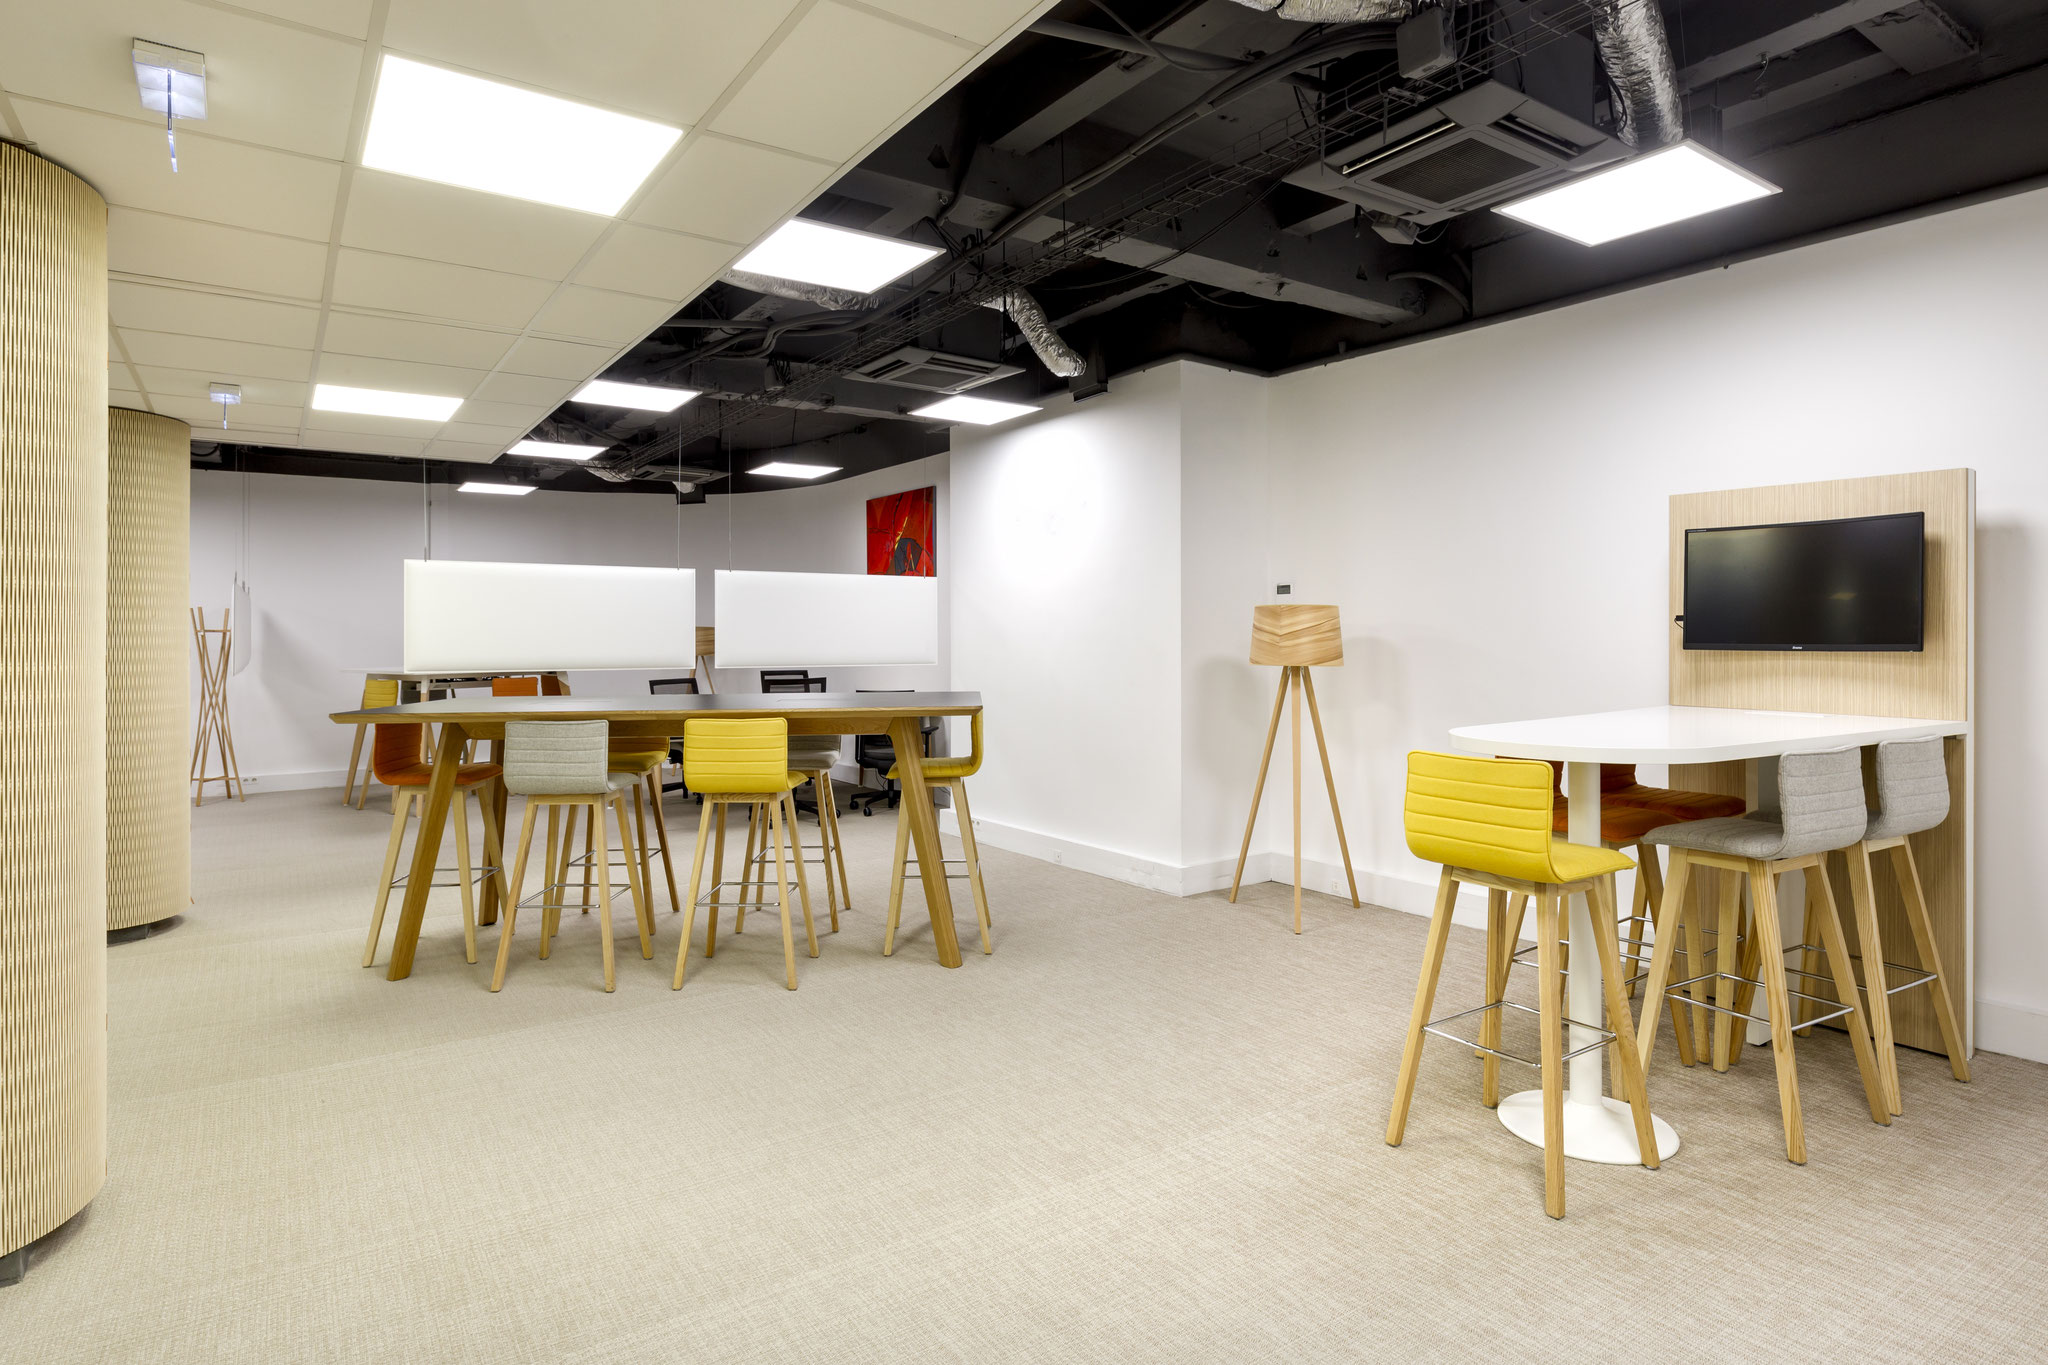 les espaces distincts dans un espace de co-working partagé